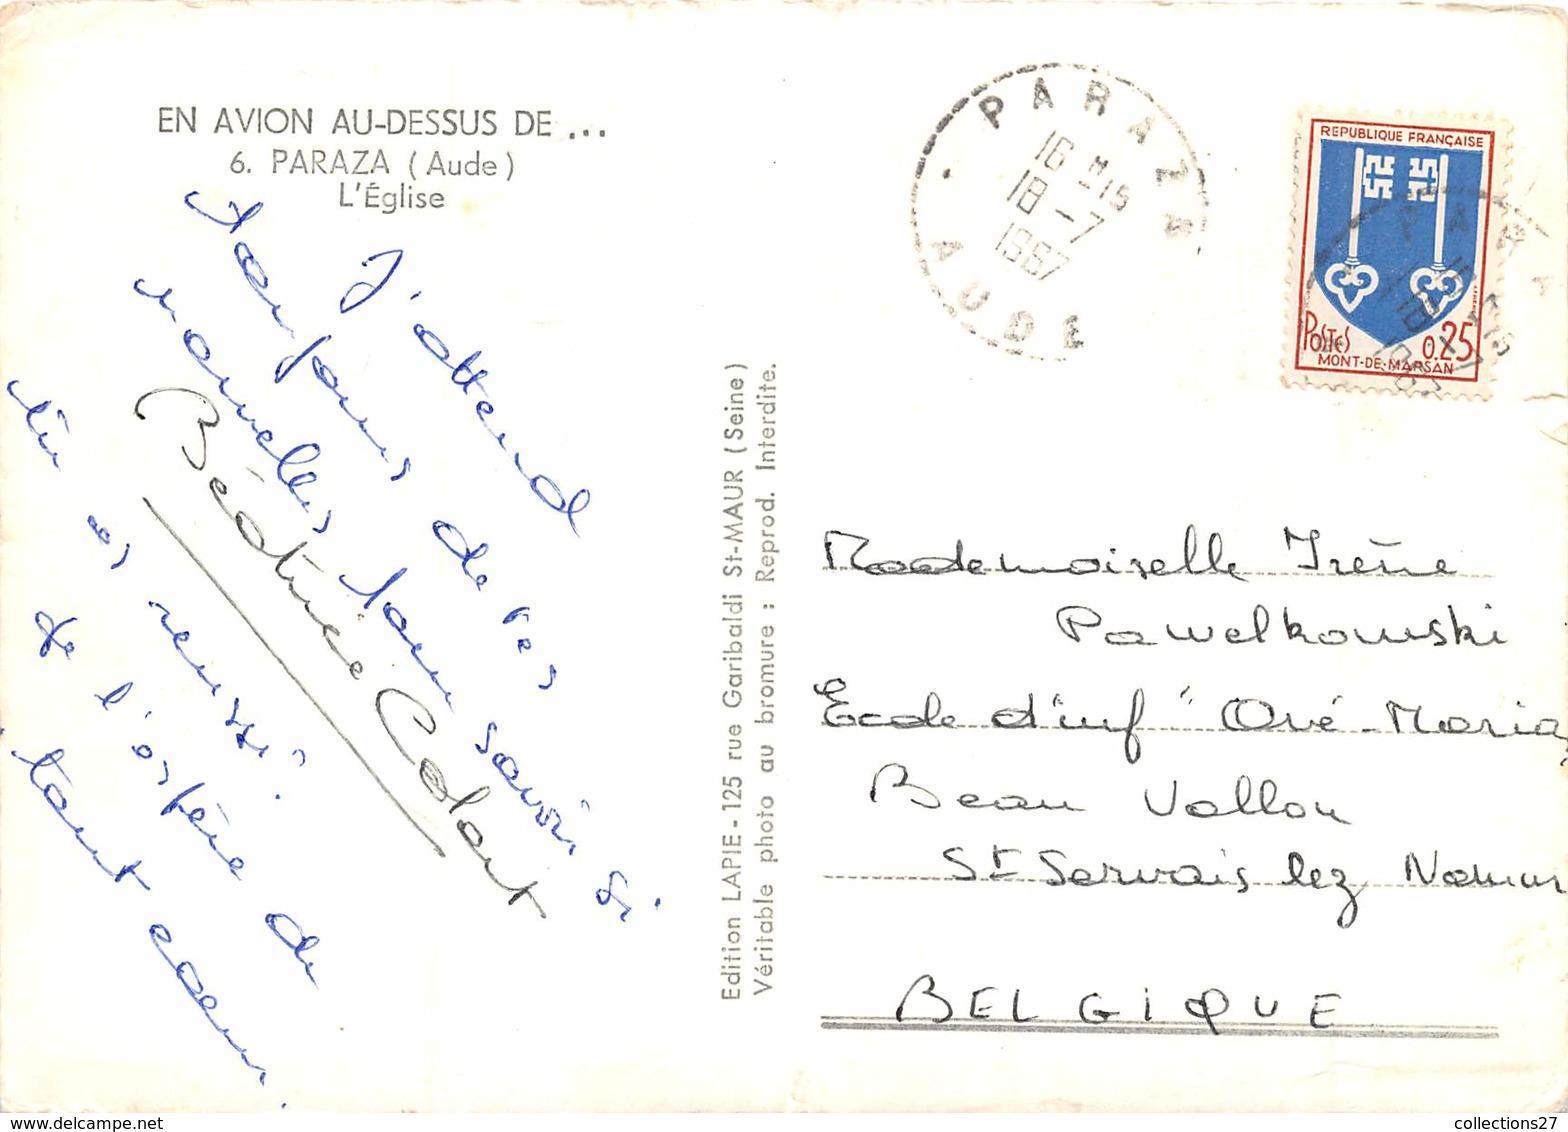 11-PARAZA- VUE DU CIEL L'EGLISE - France